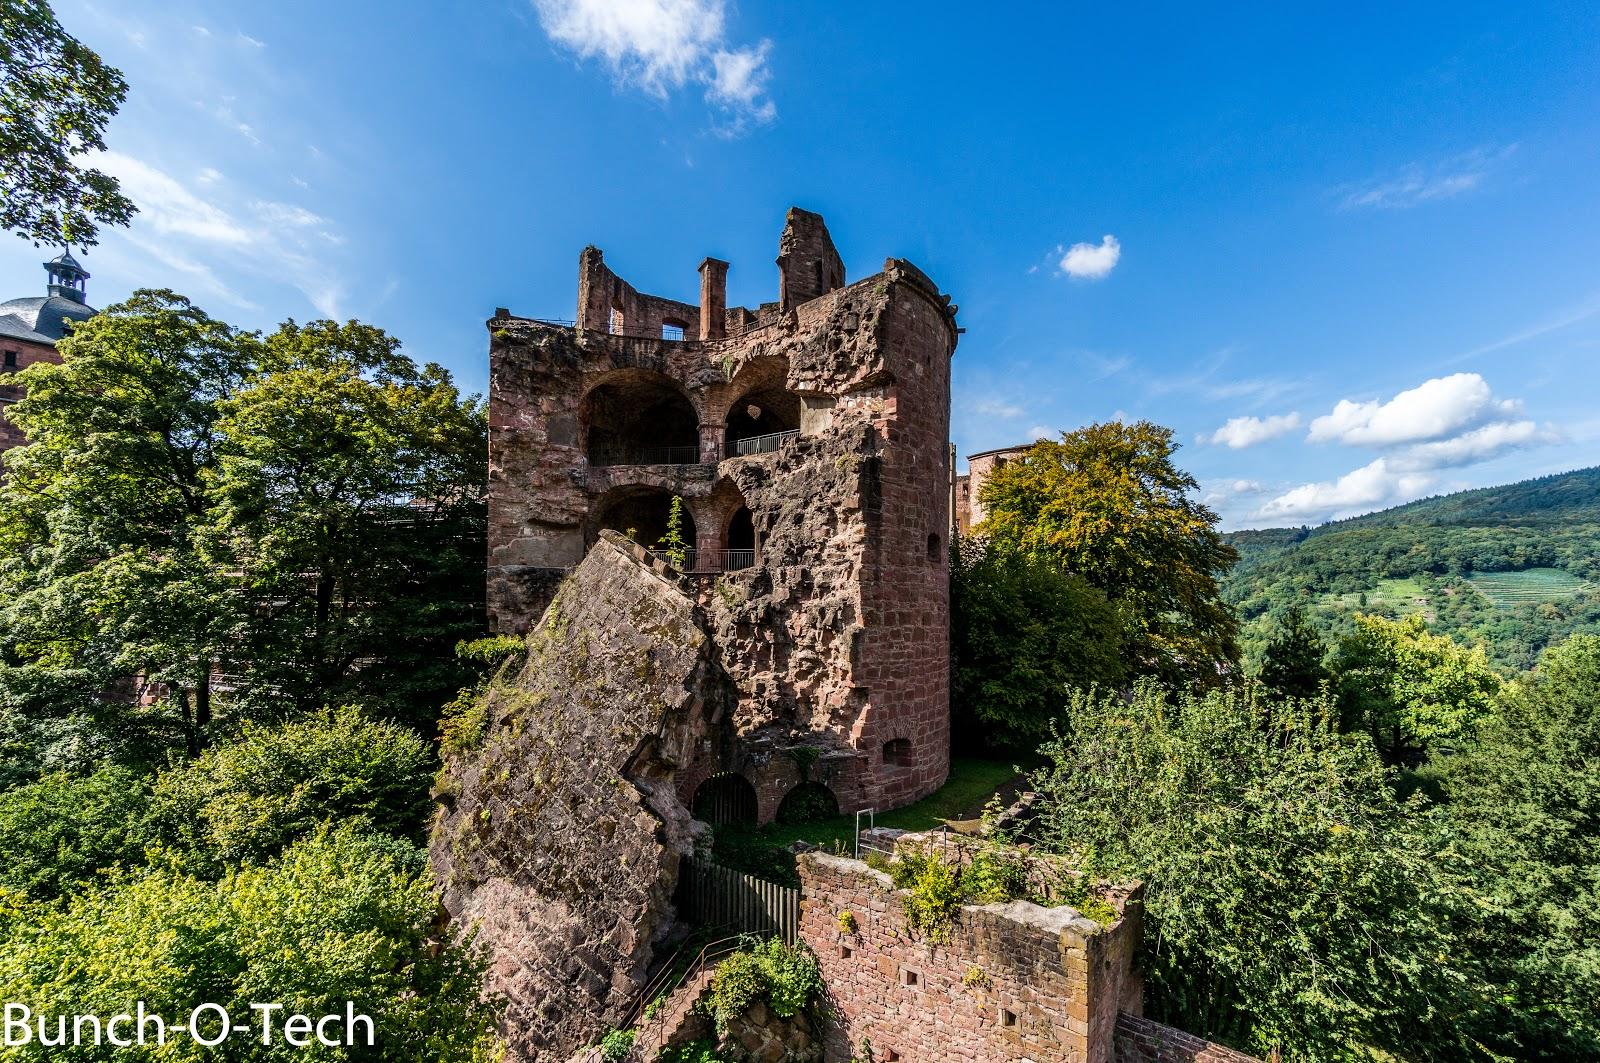 Heidelberg-65-August%2B30%2C%2B2014.jpg